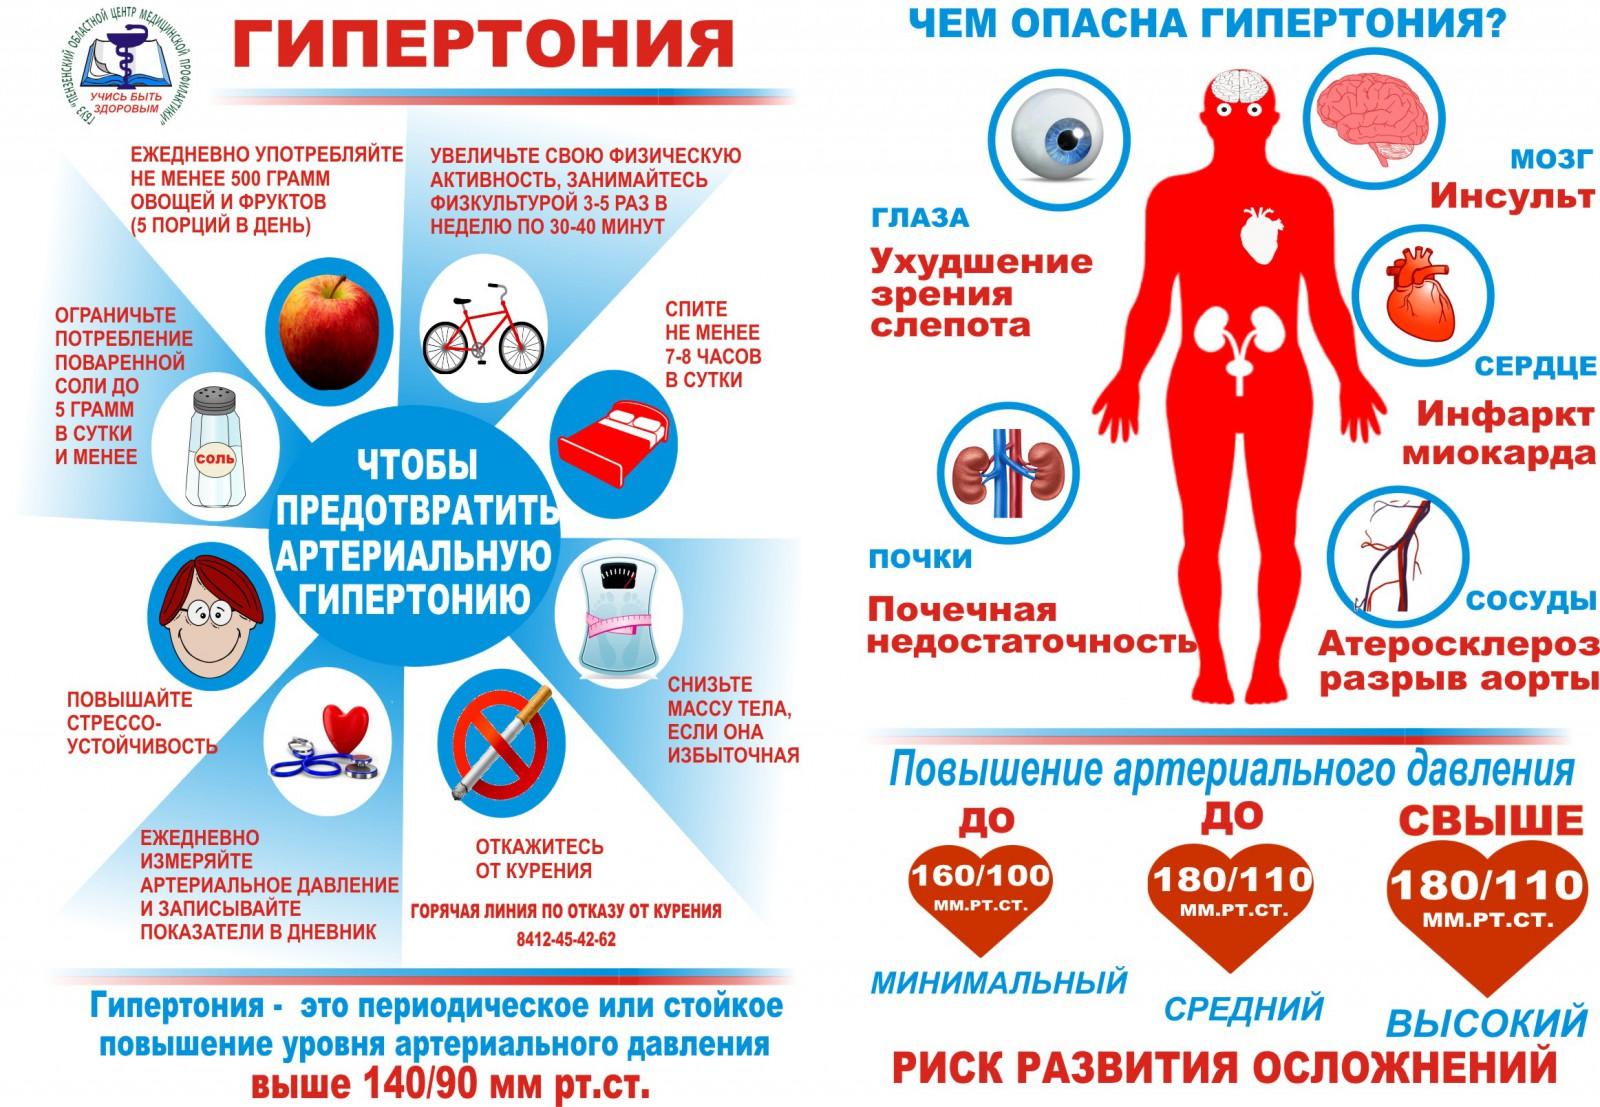 Куркума повышает и понижает артериальное давление человека